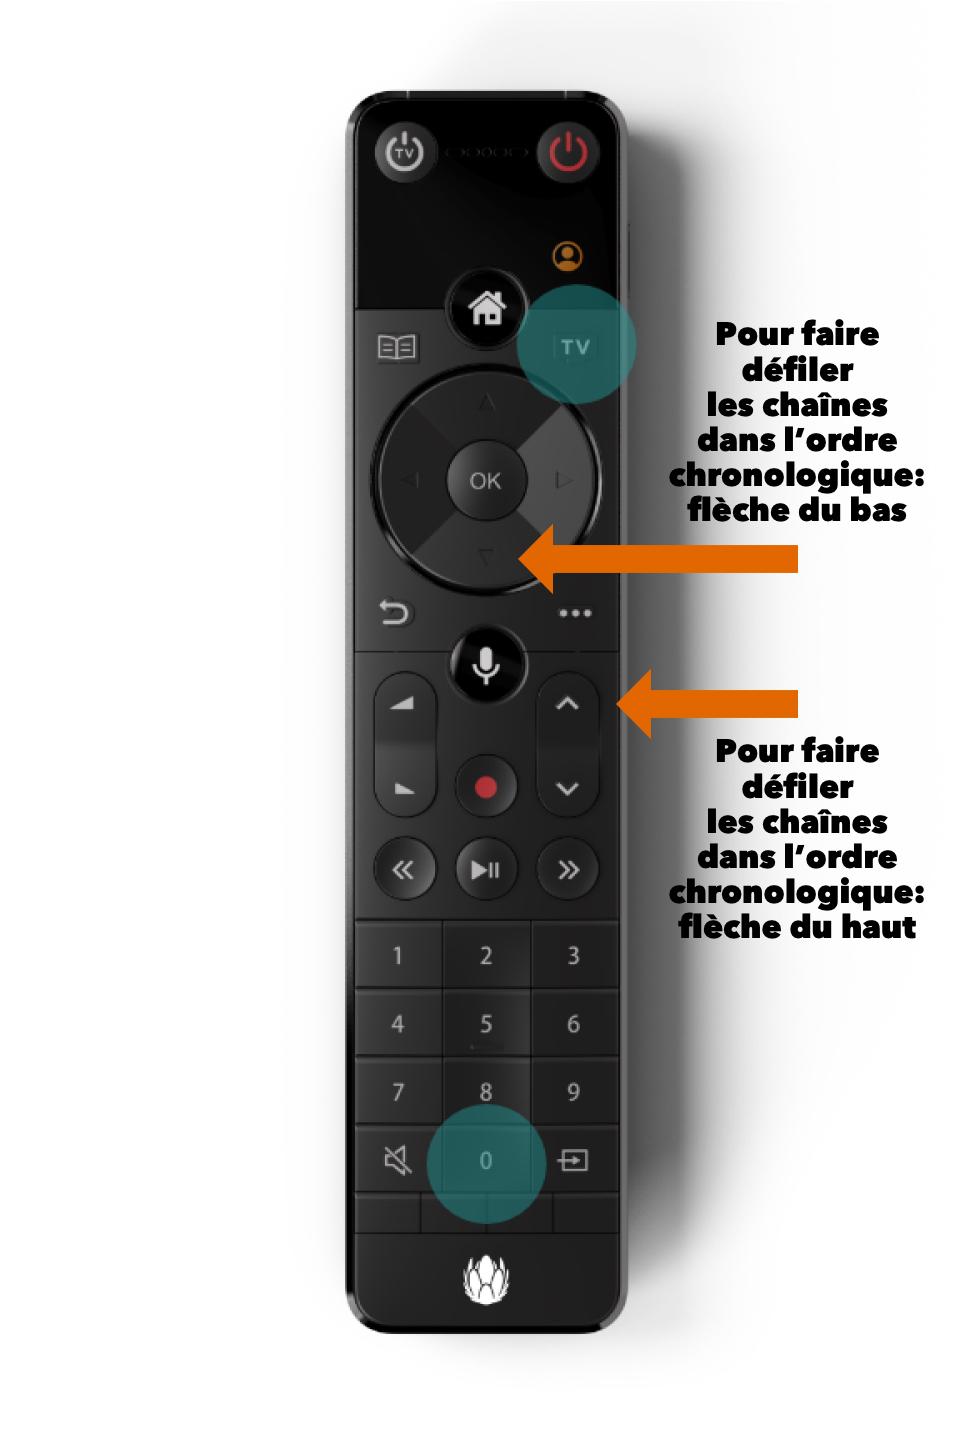 Nouvelle UPC TV box dès le 3 octobre - Page 3 Teleco10